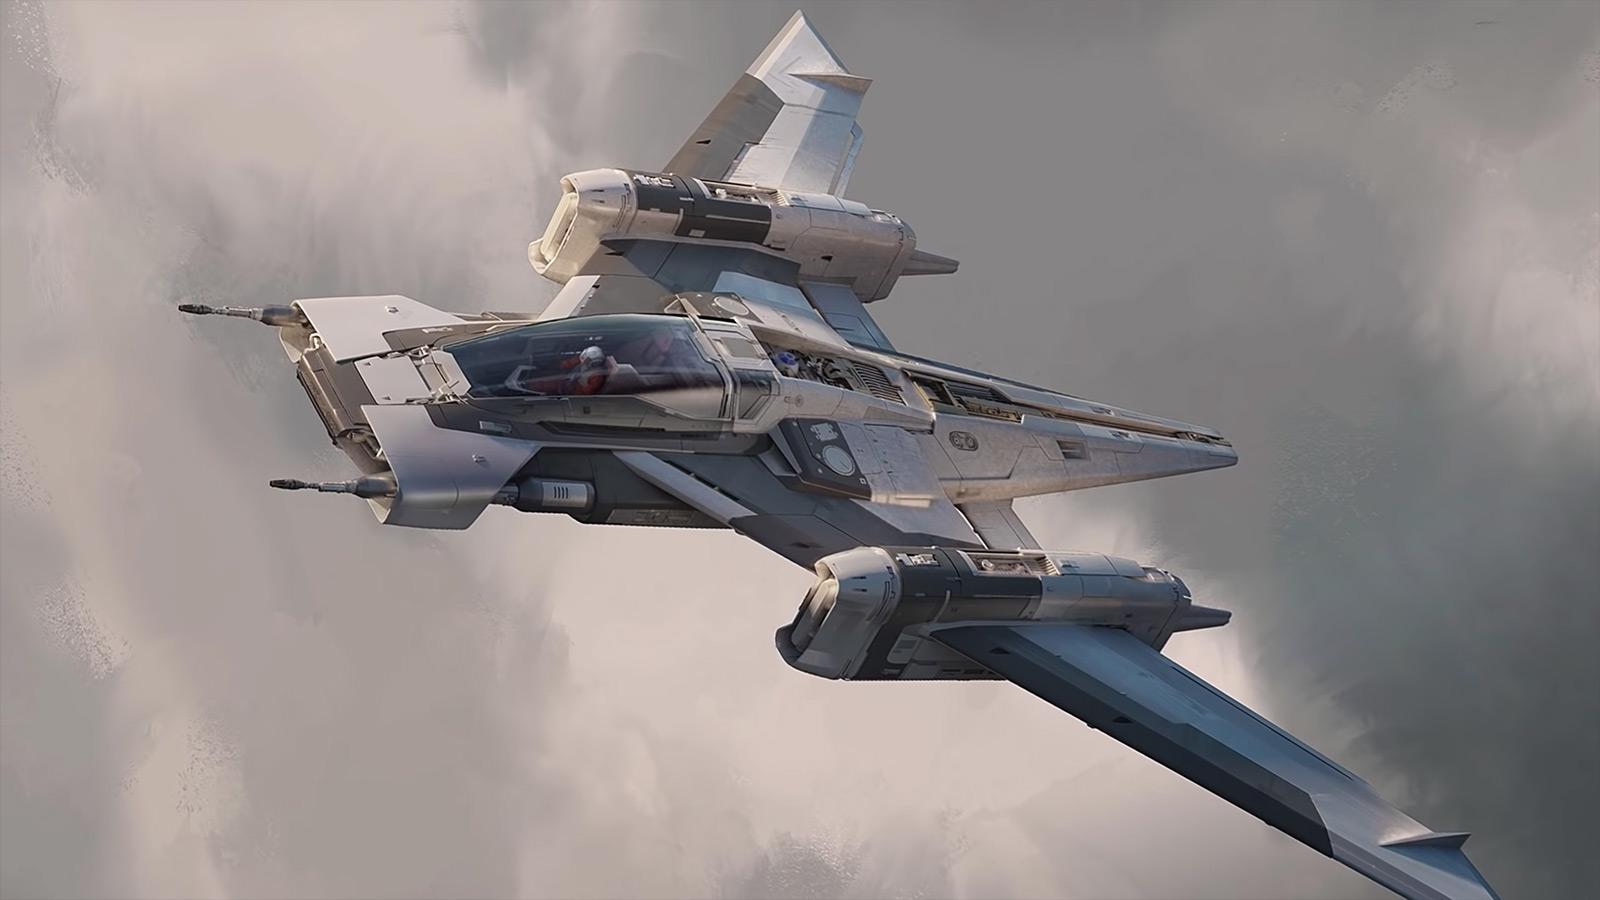 Star Wars x Porsche Tri-Wing S-91x Pegasus Starfighter